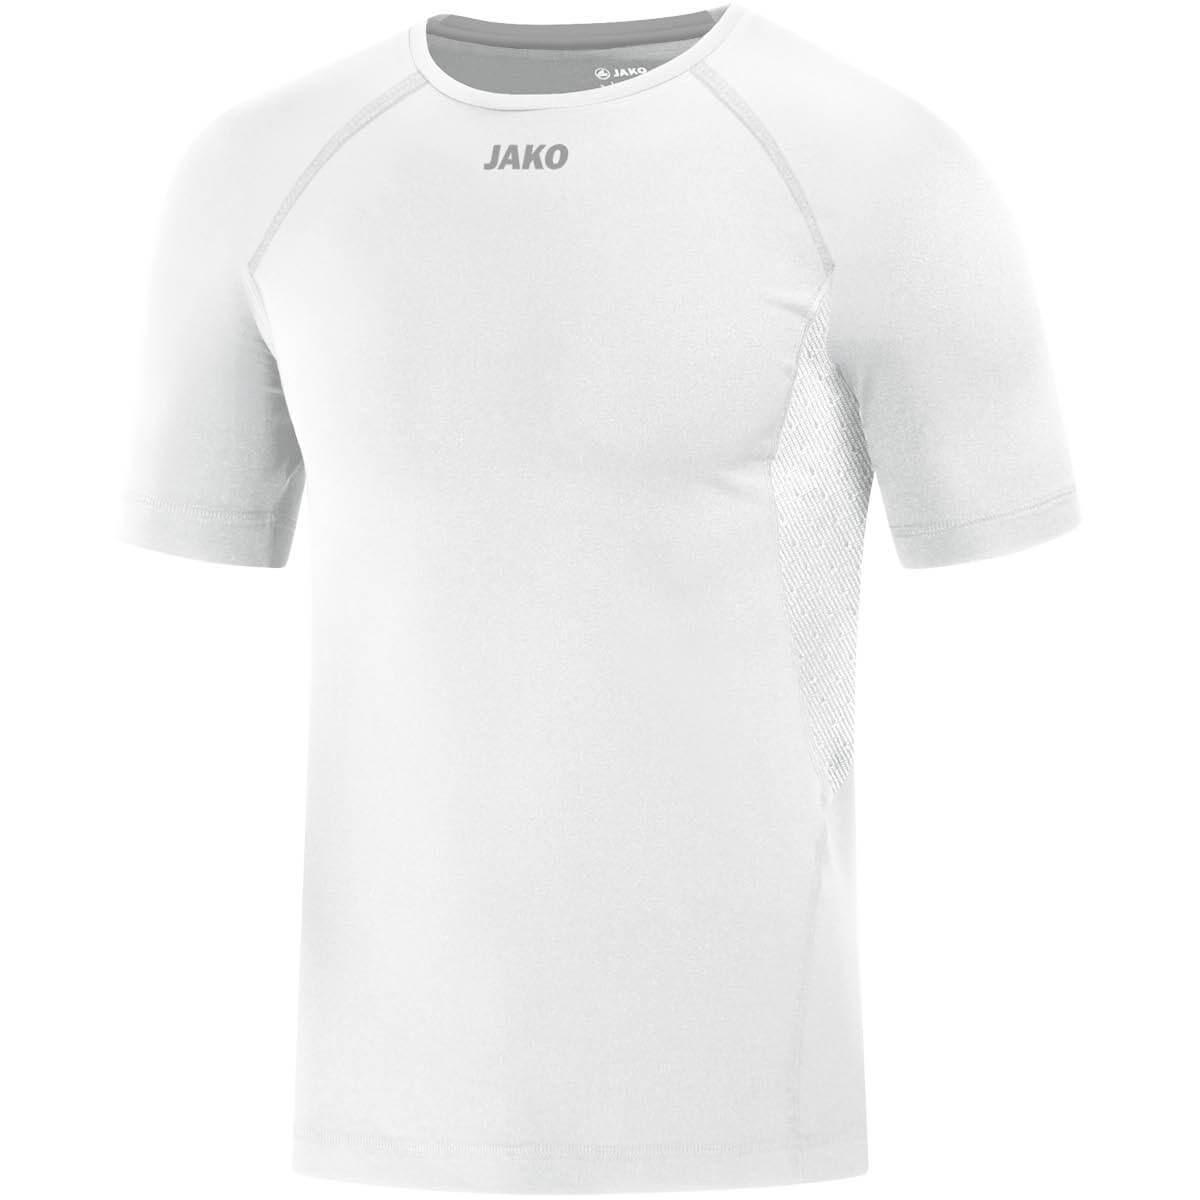 Jako T-Shirt Compression 2.0 Herren 6151  | div. Größen / Farben